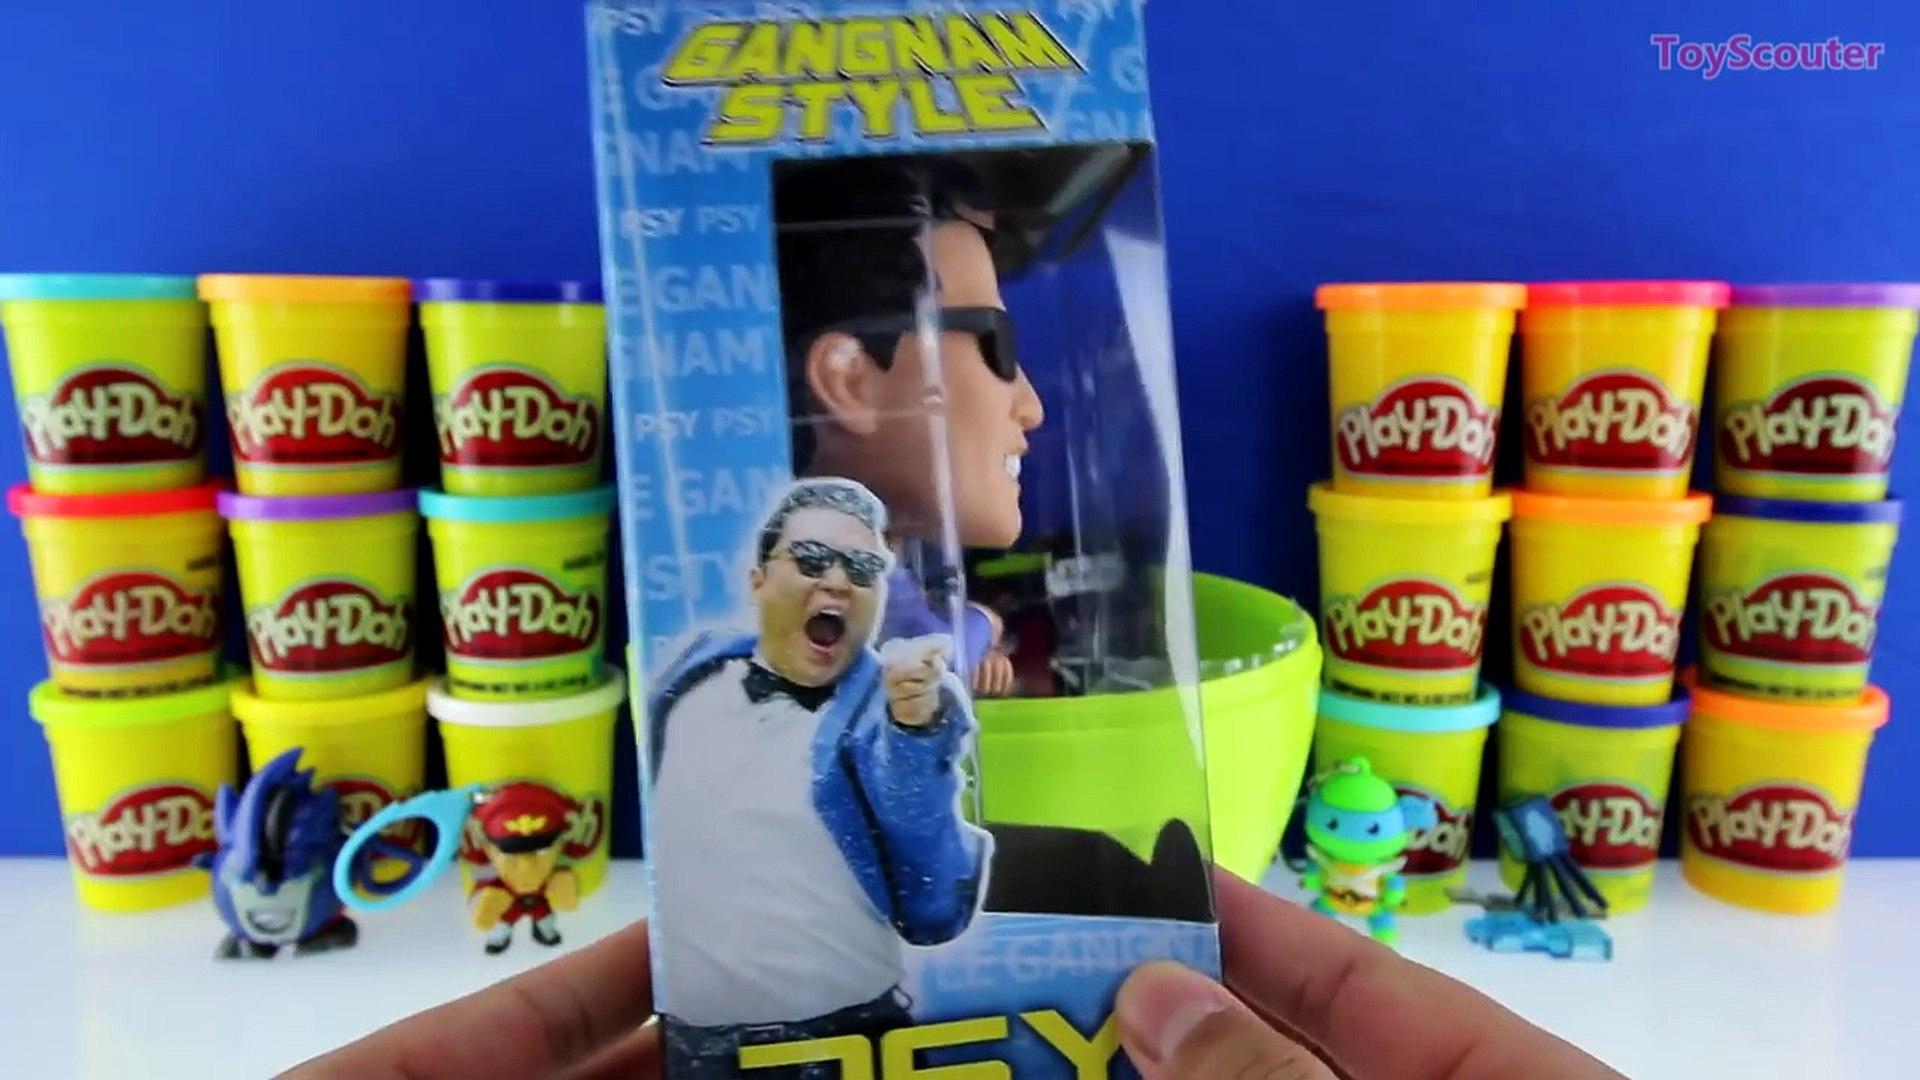 GIANT PSY Surprise Egg Play Doh - Korean Pop Singer Toys Album TMNT Transformers